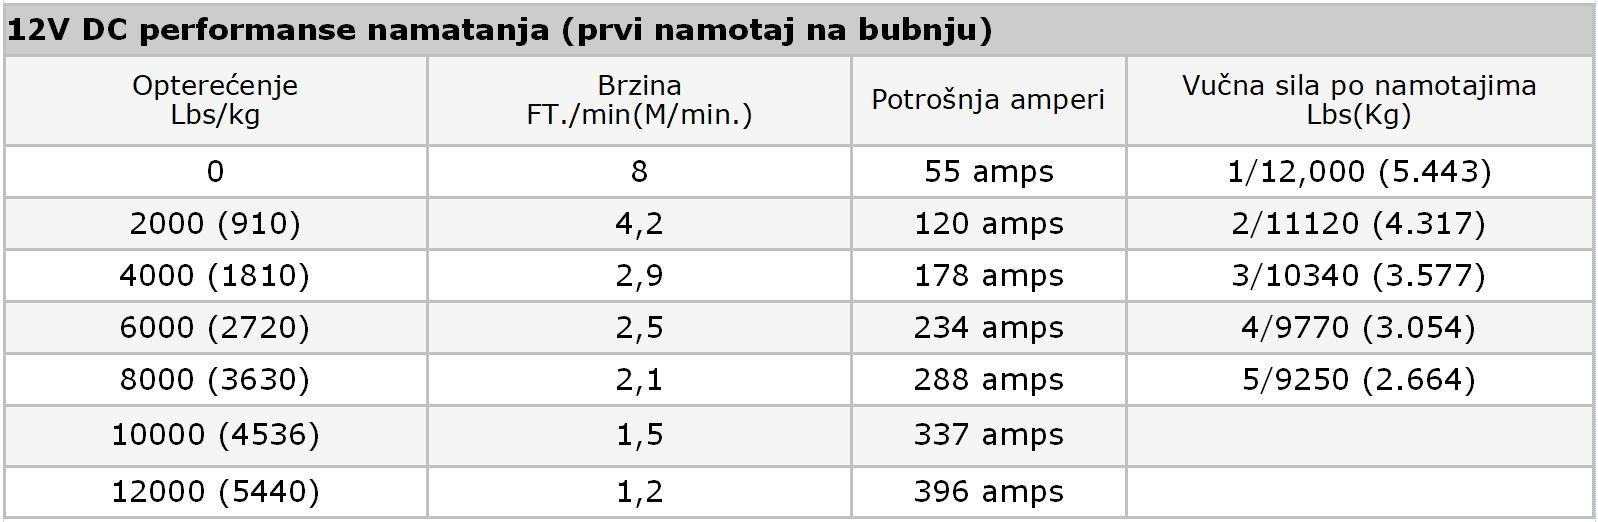 Premium vitlo Warn VR EVO 12-S, 12V, 5.443kg sa sintetskim užetom, vodilicom i žičnim i bežičnim daljinskim 9